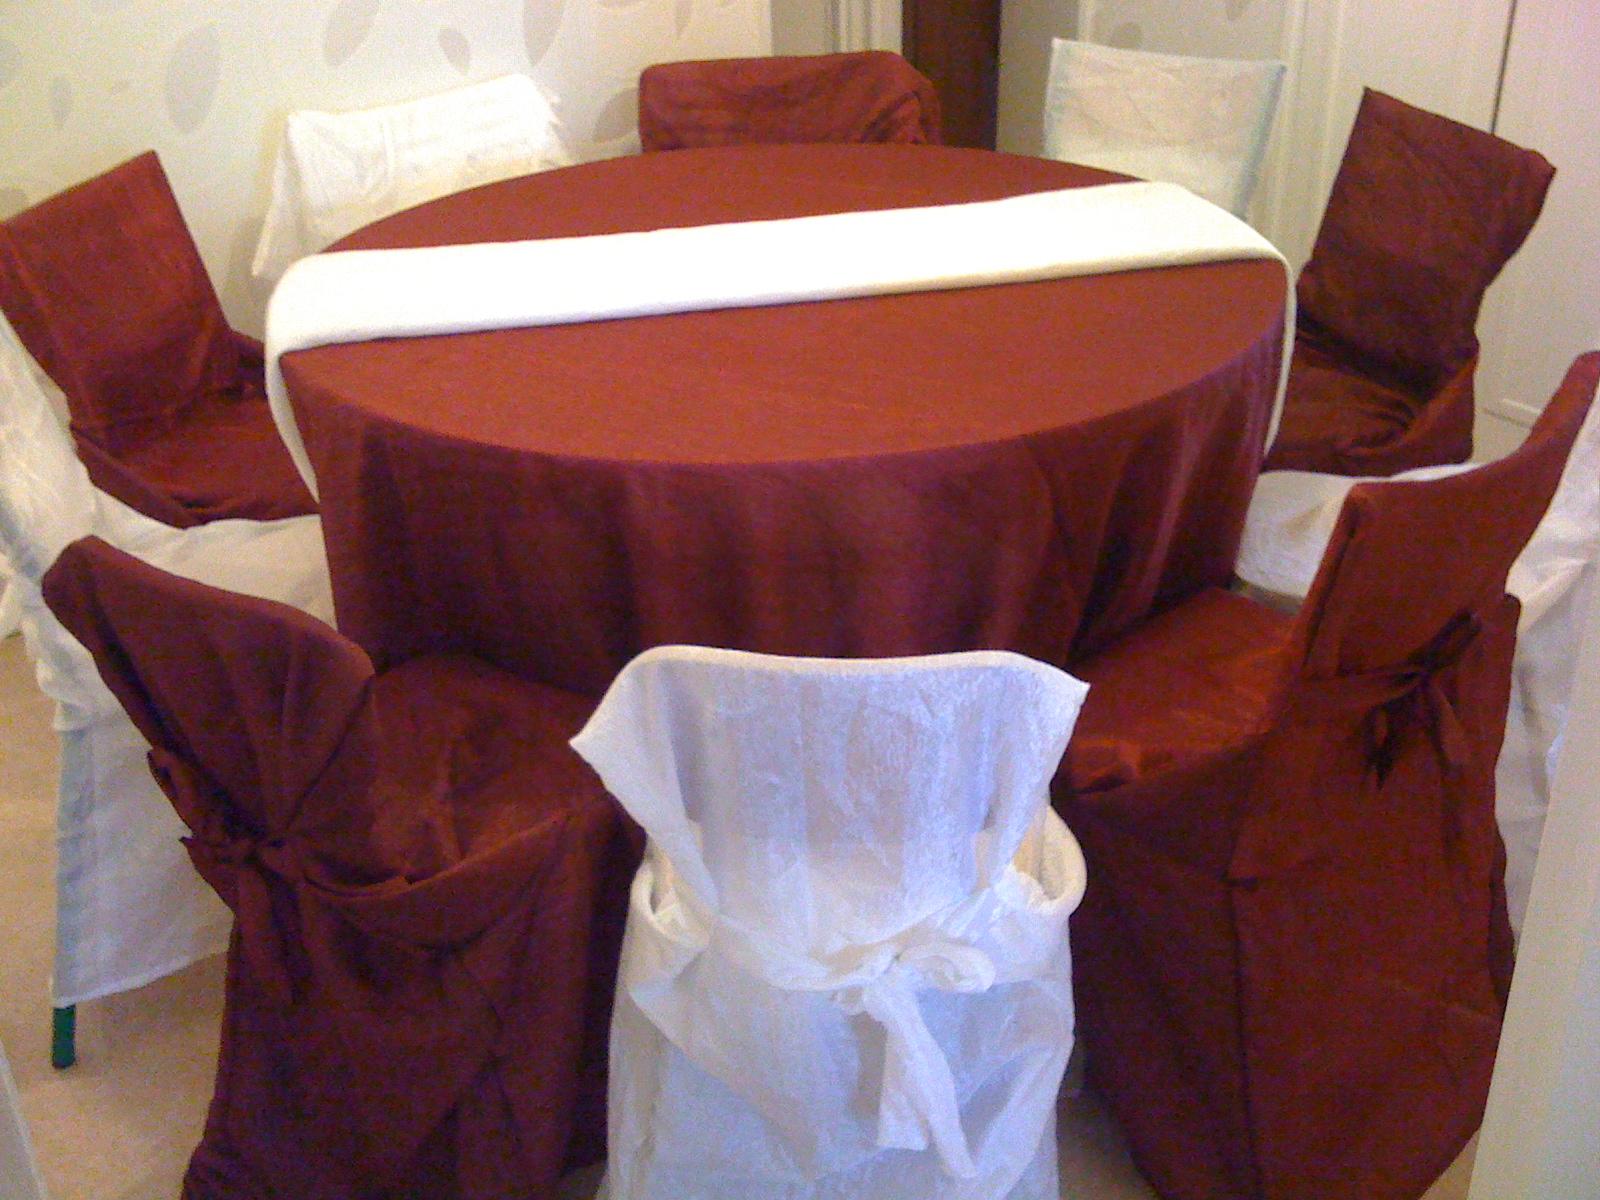 location de tables nappes et housse de chaises paris france - Location Nappe Et Housse De Chaise